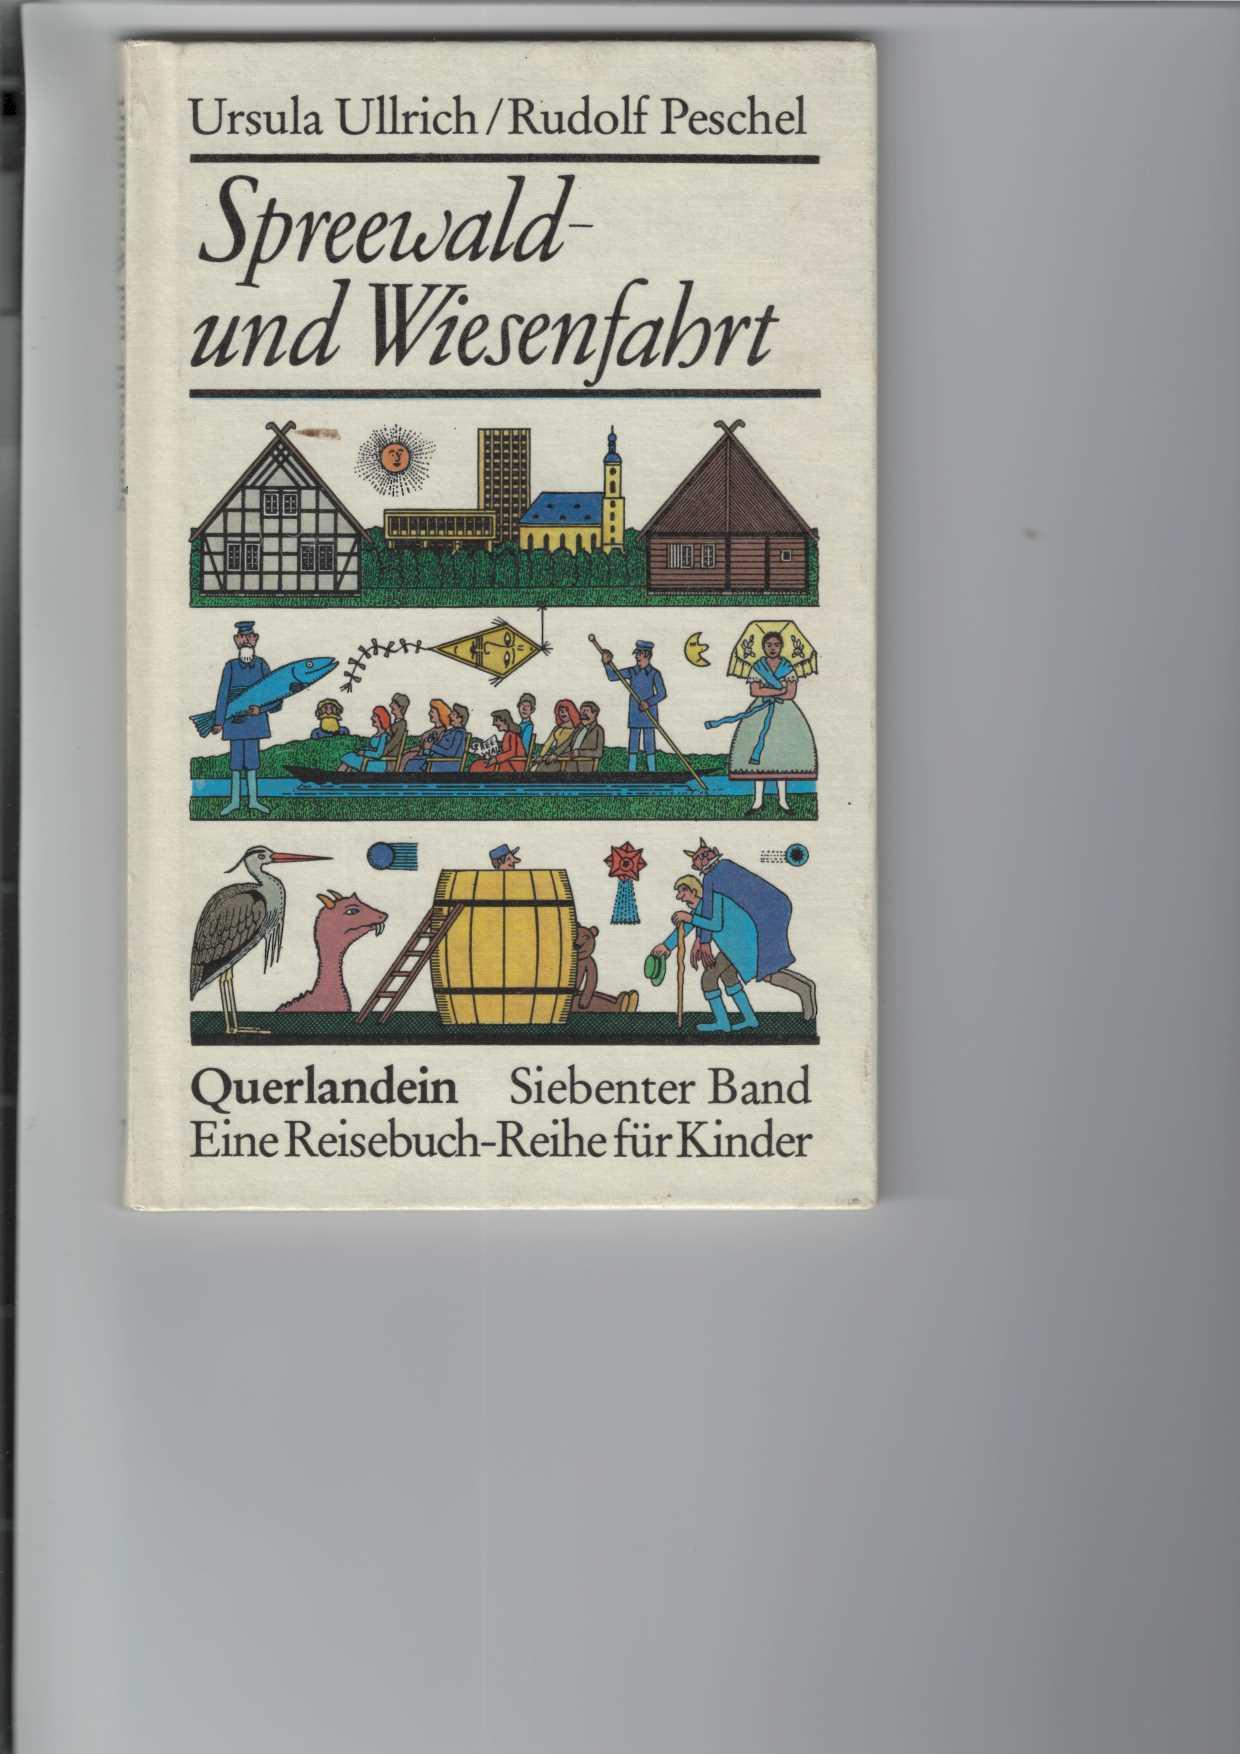 """Spreewald- und Wiesenfahrt. In sieben Briefen und mit einem Vorspiel. """"Querlandein"""", siebenter (7.) Band. Eine Reisebuch-Reihe für Kinder.  Illustrationen von Rudolf Peschel. Mit Beilage. 2. Aufl.,"""